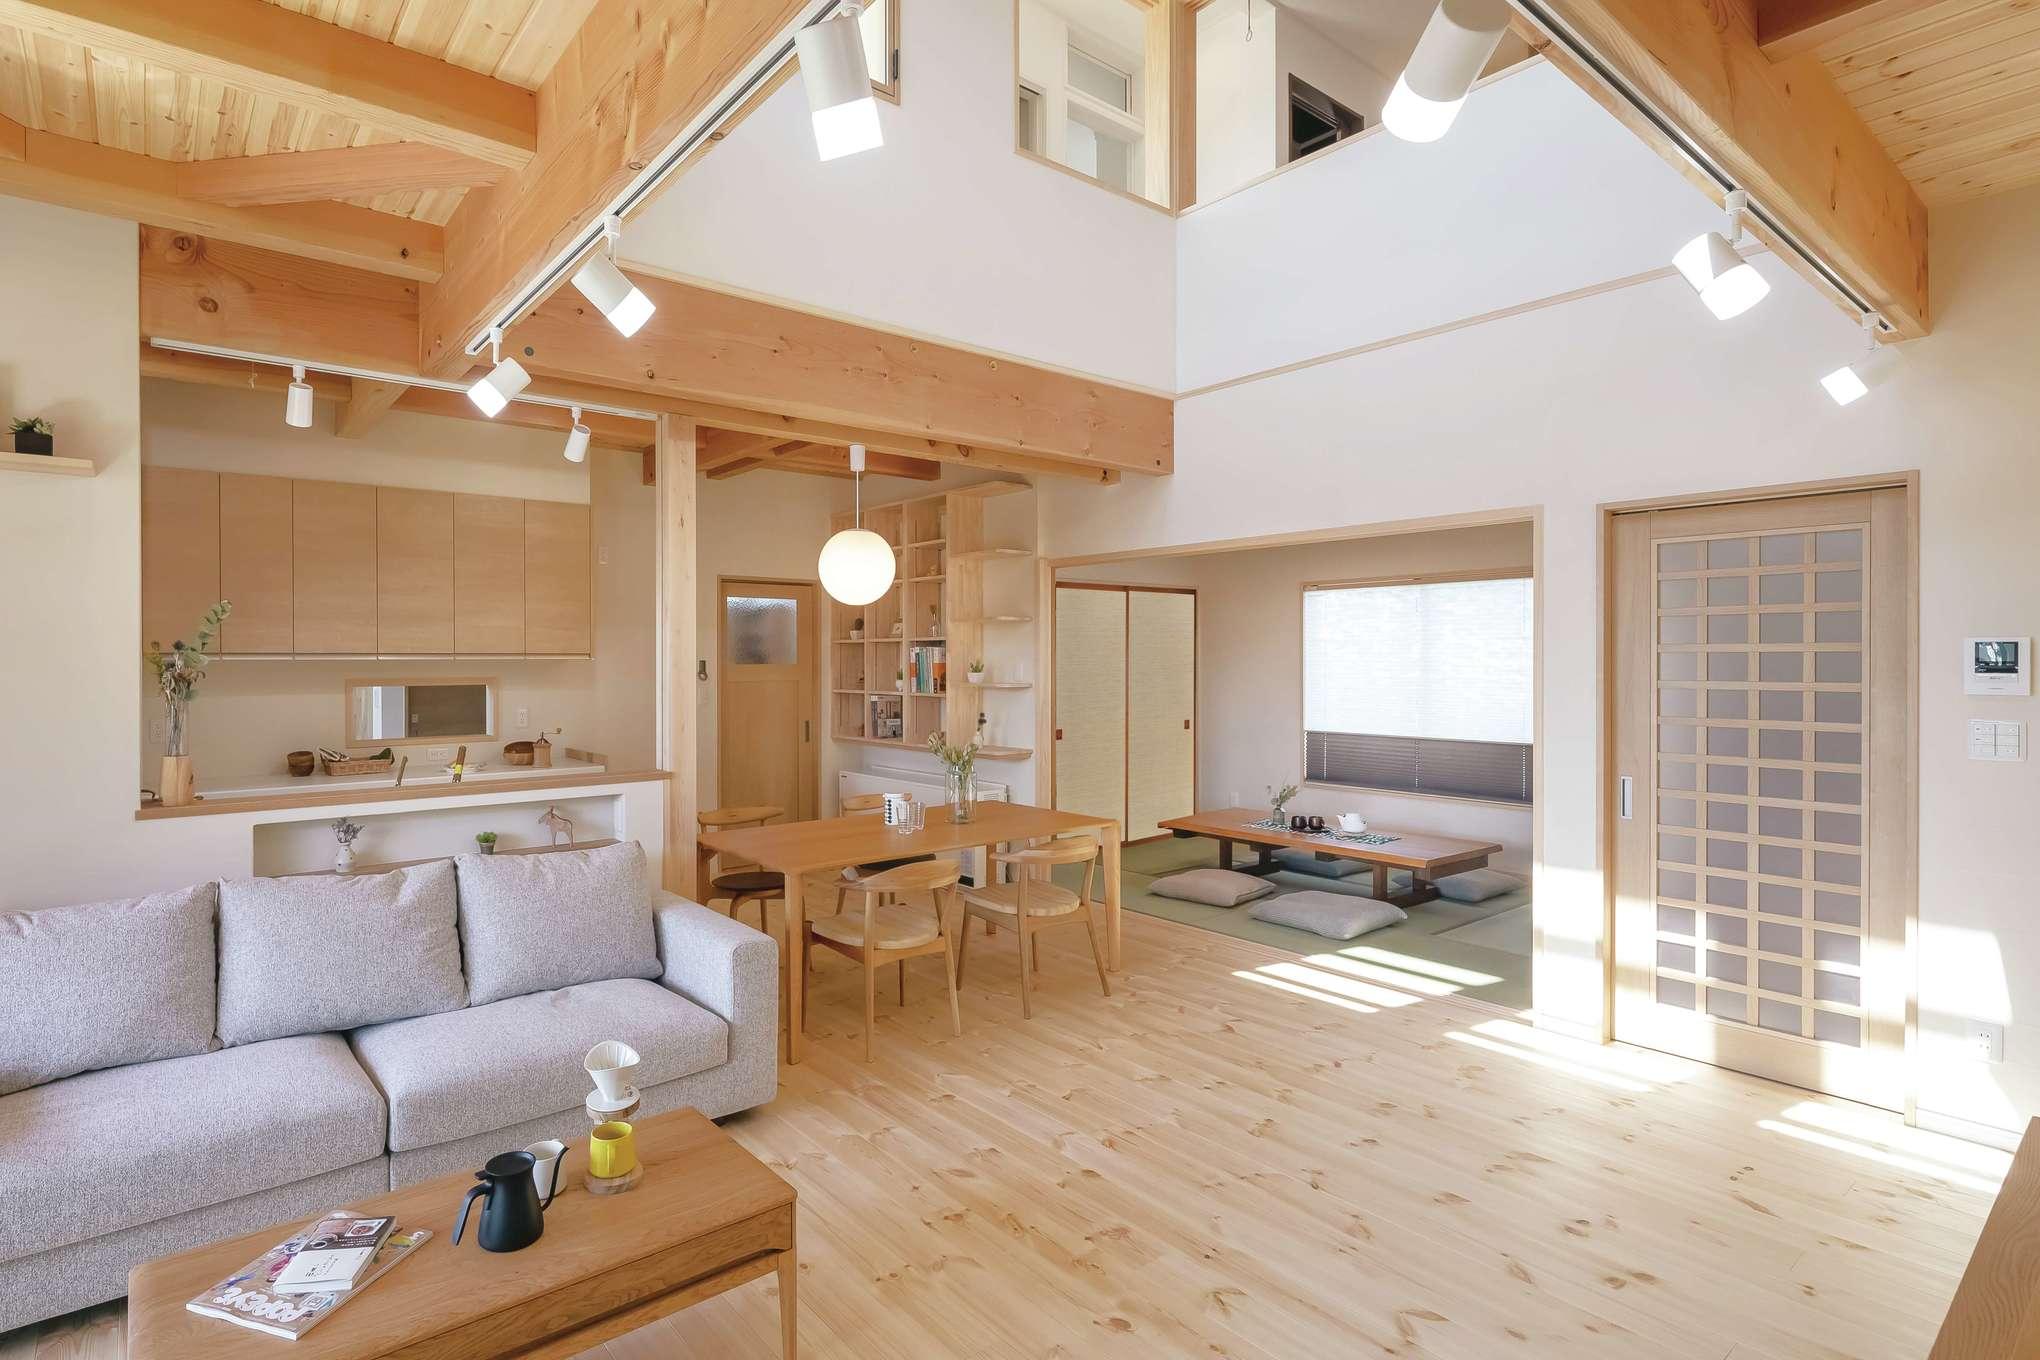 住まいるコーポレーション【収納力、自然素材、デザイン住宅】広々としたリビングとダイニングの奥には和室が続き、明るく和モダンな雰囲気に